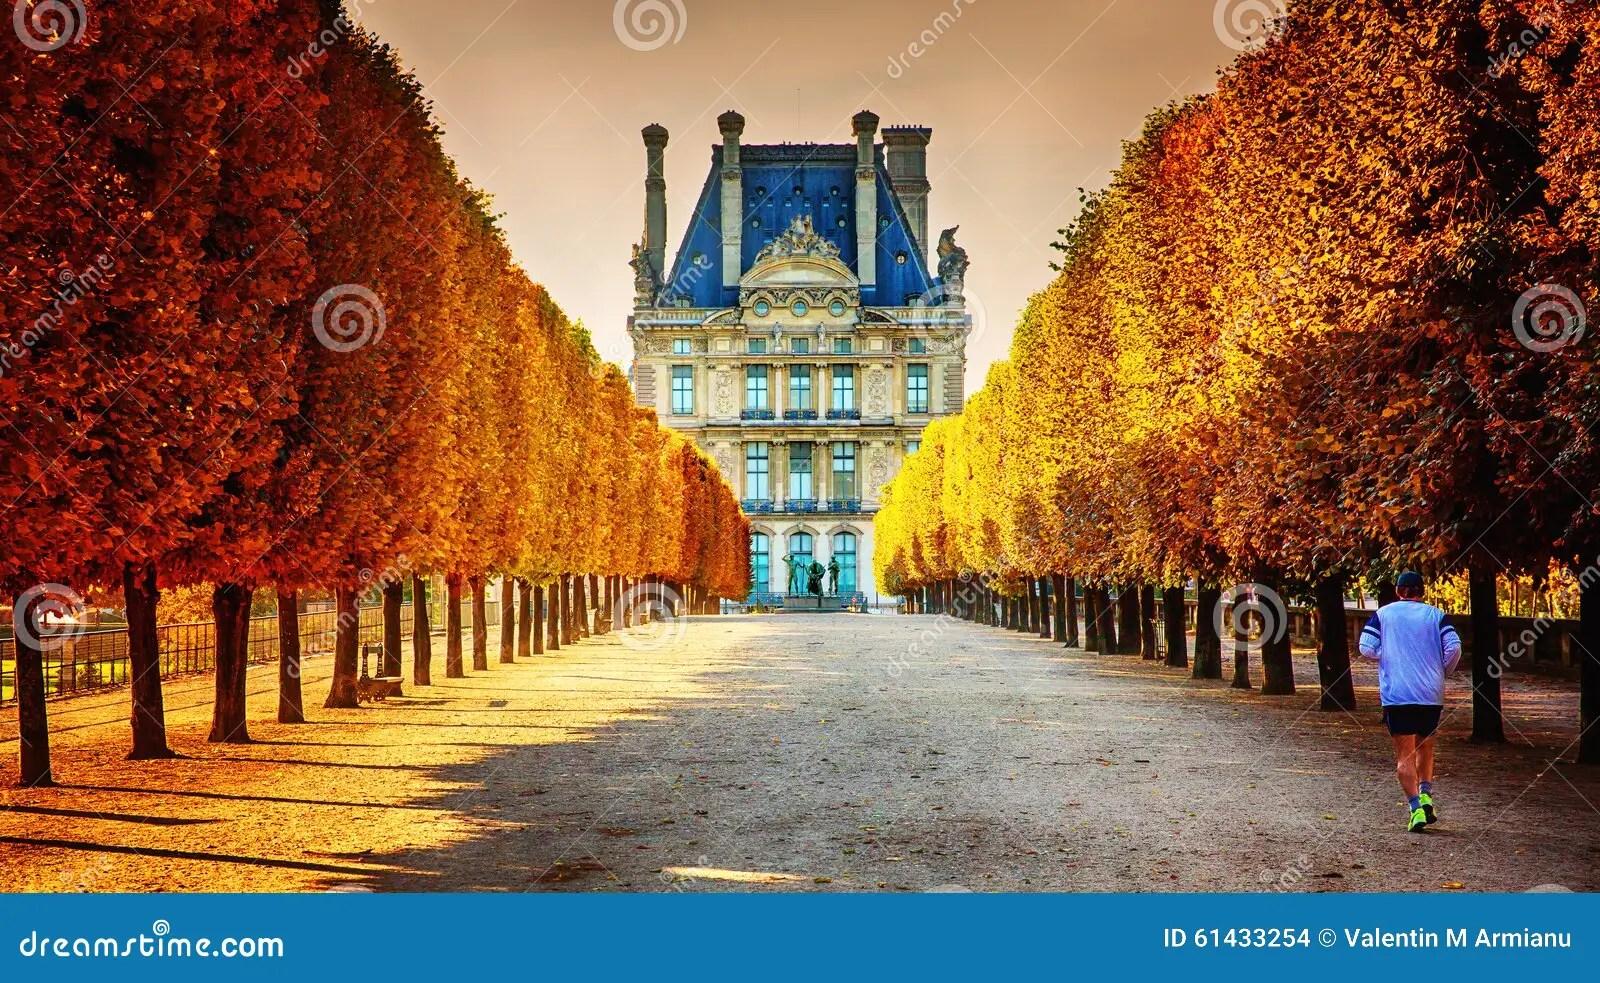 Autumn In Paris Editorial Stock Image Image 61433254